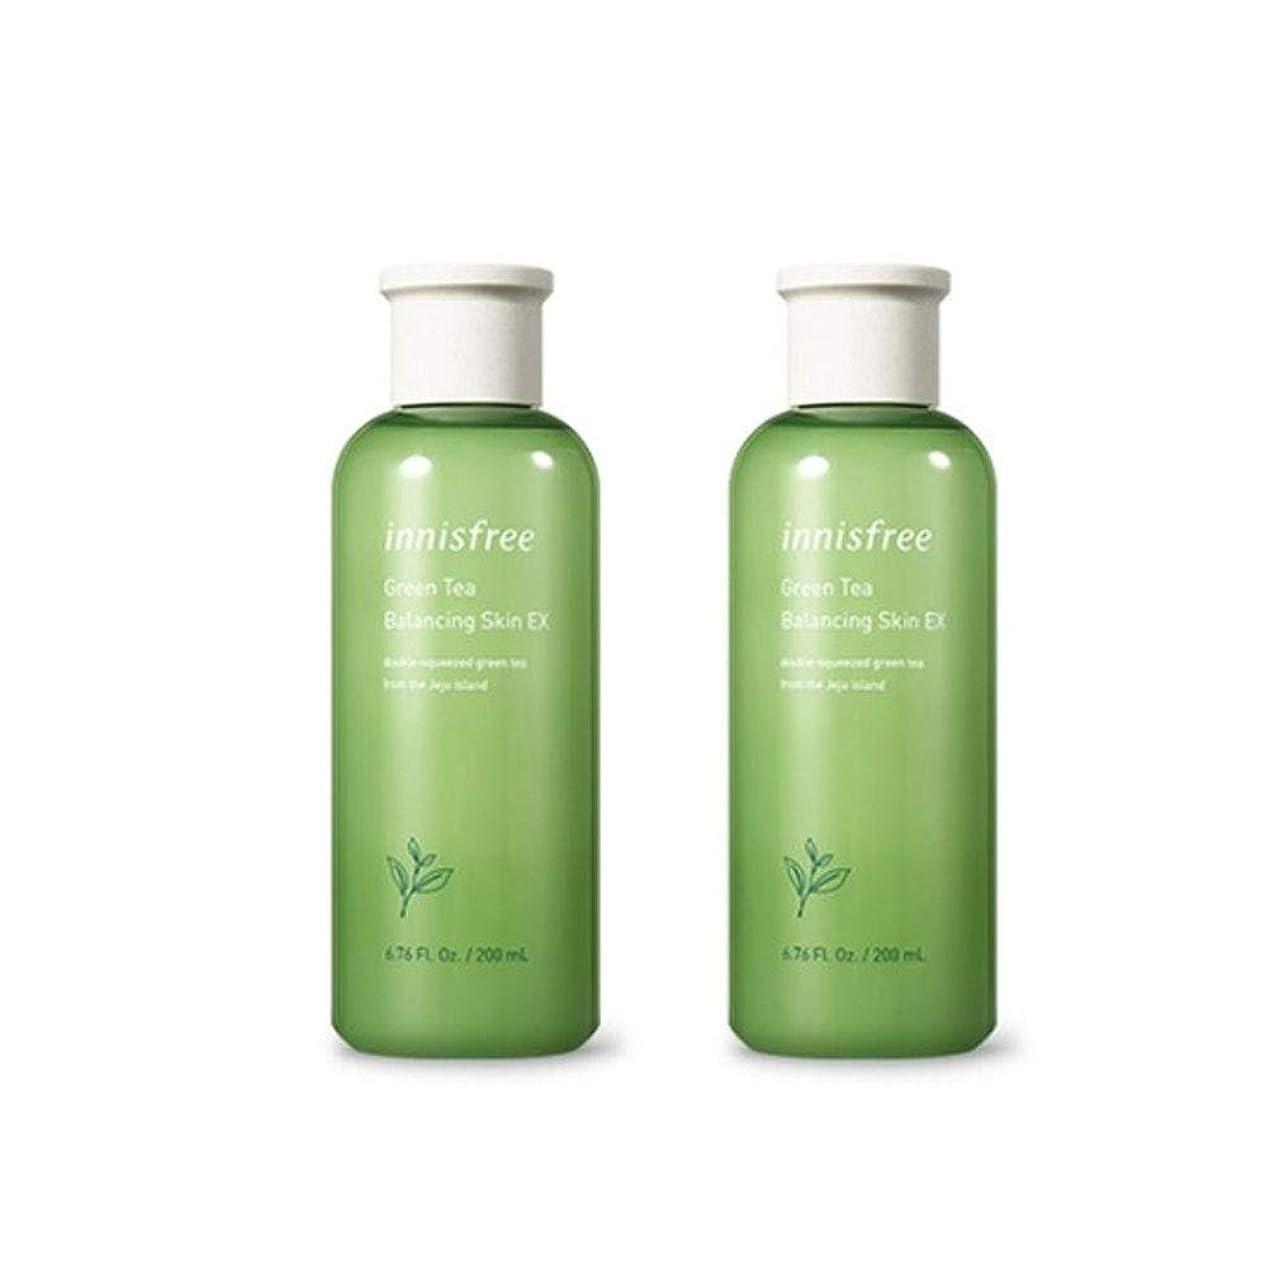 海実業家驚イニスフリーグリーンティーバランシングスキンEX 200mlx2本セット韓国コスメ、innisfree Green Tea Balancing Skin EX 200ml x 2ea Set Korean Cosmetics [並行輸入品]